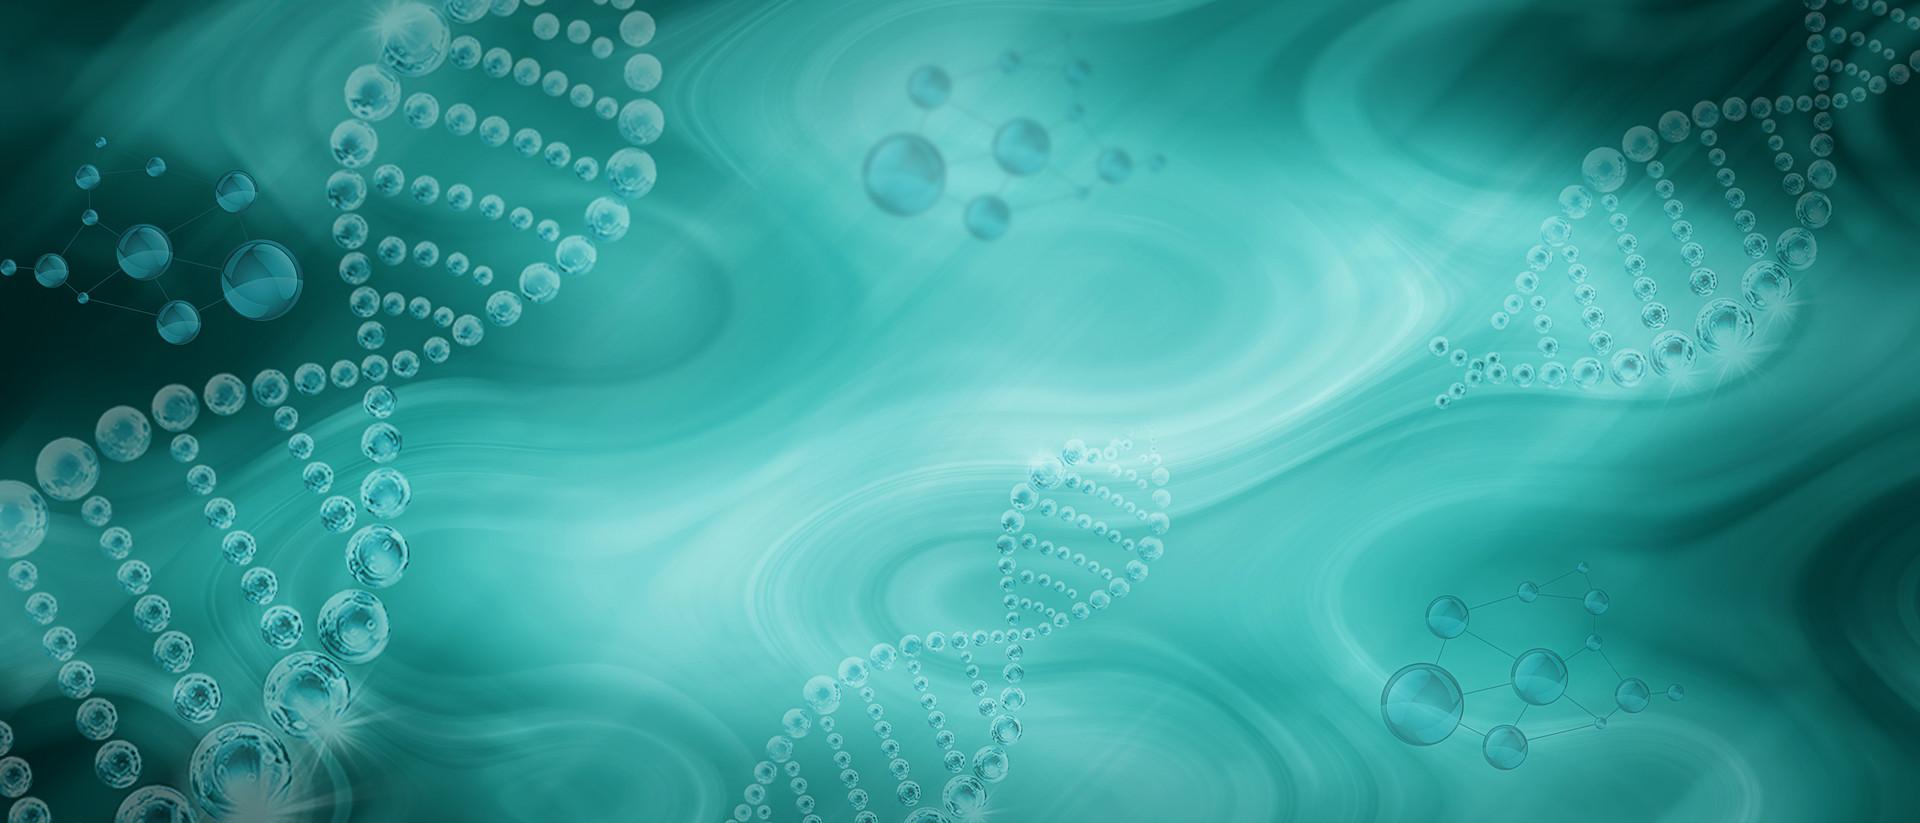 医疗器械重点突破6大技术 发展9类产品